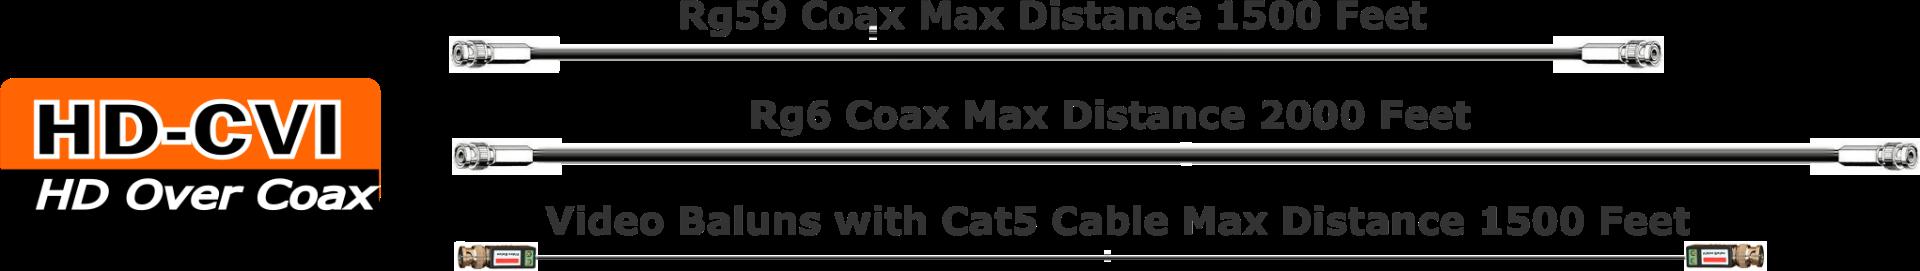 CVI Video Transmission Distances